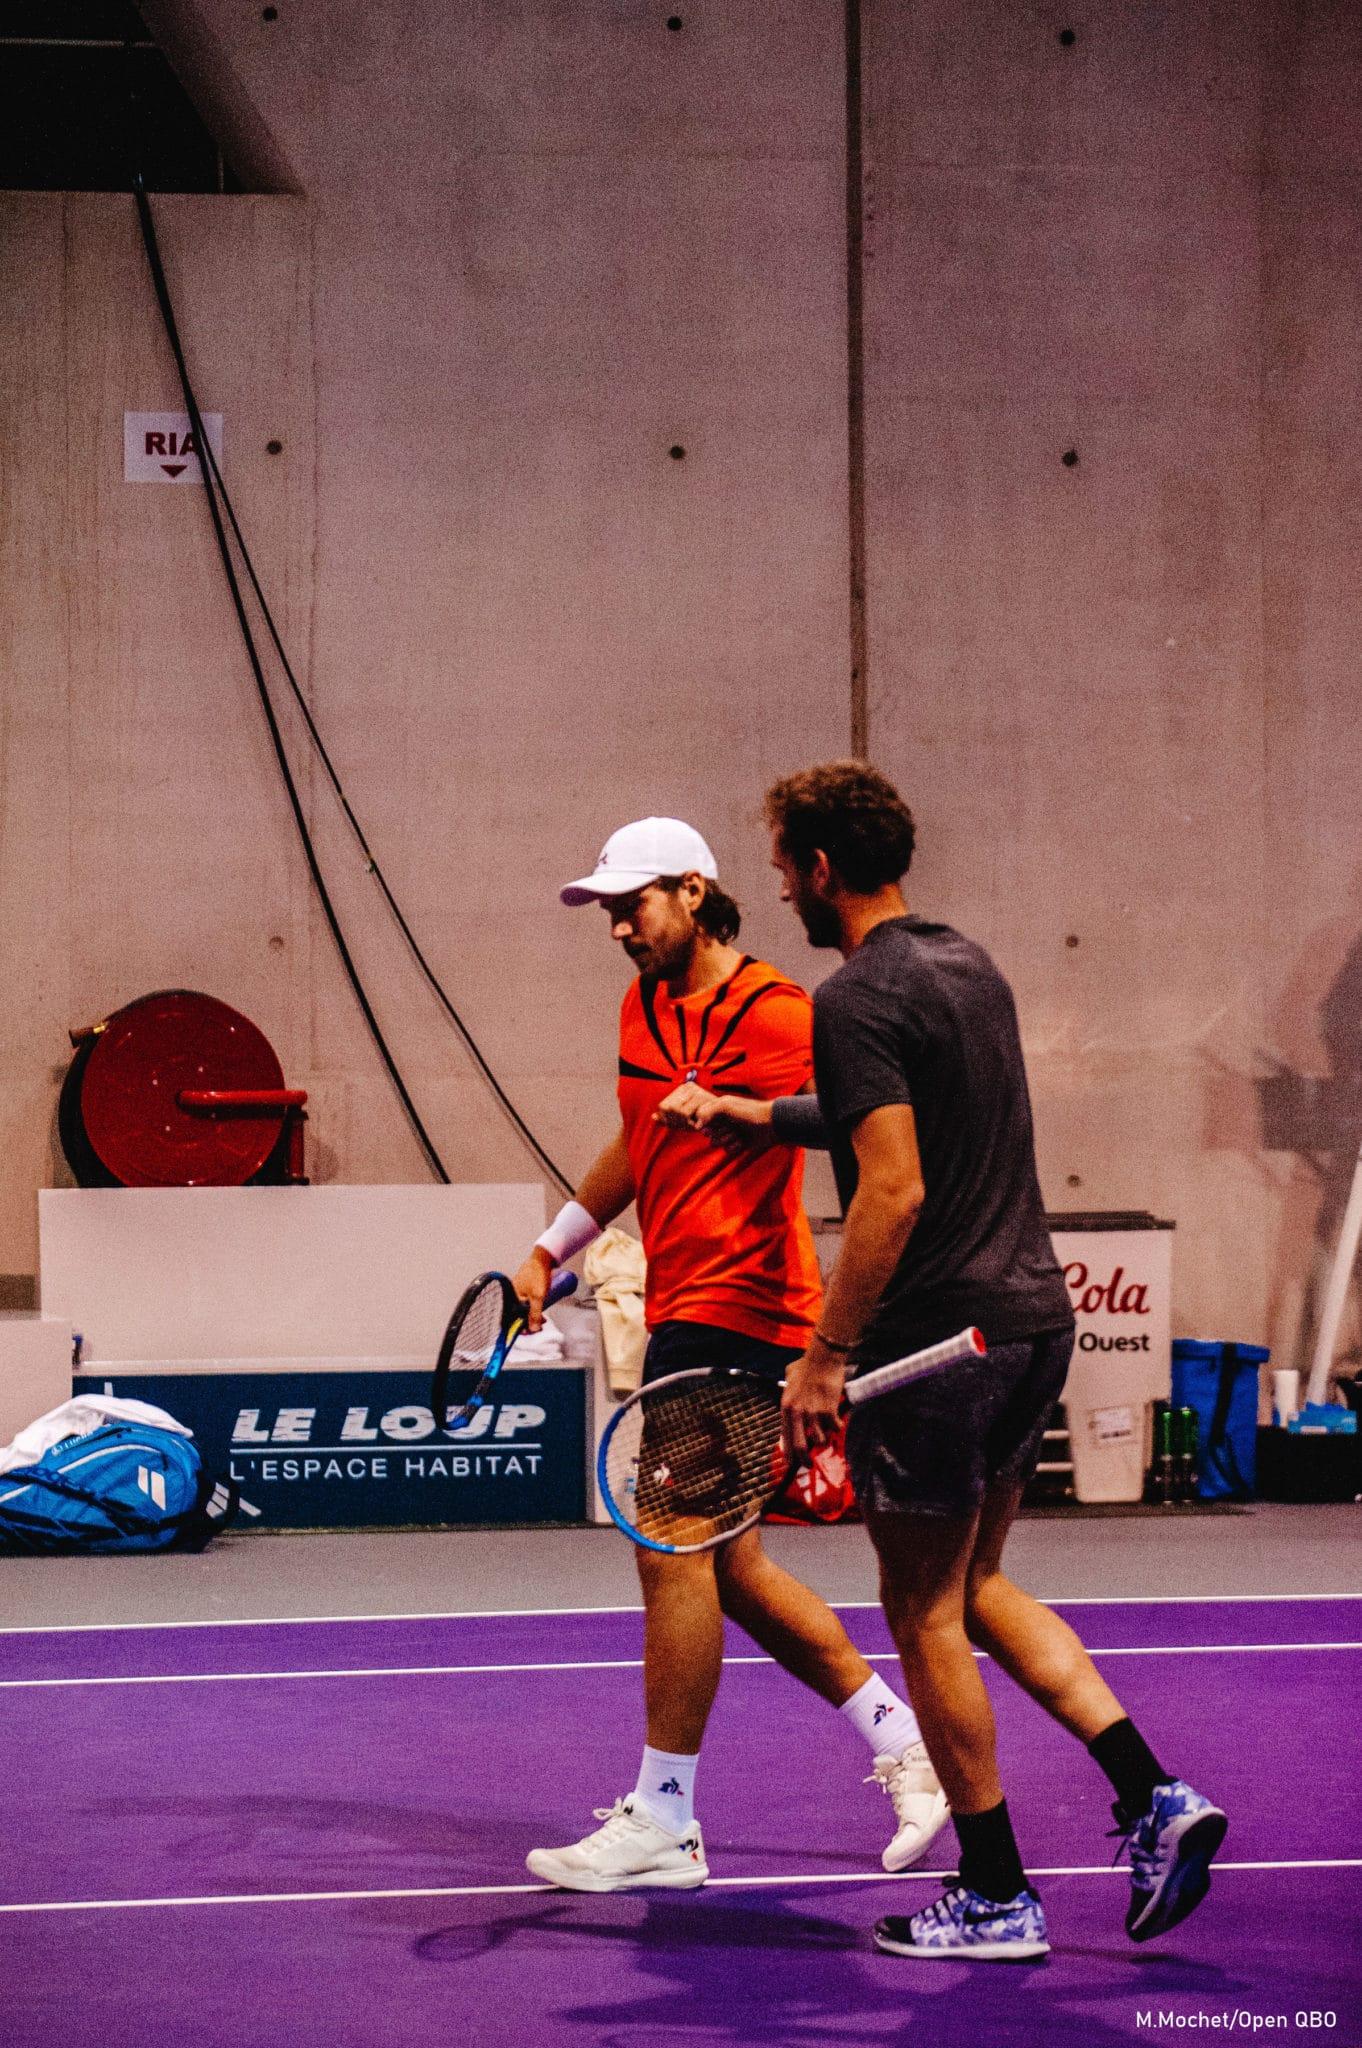 Les joueurs de tennis, Lucas Pouille et Mathias Bourgue